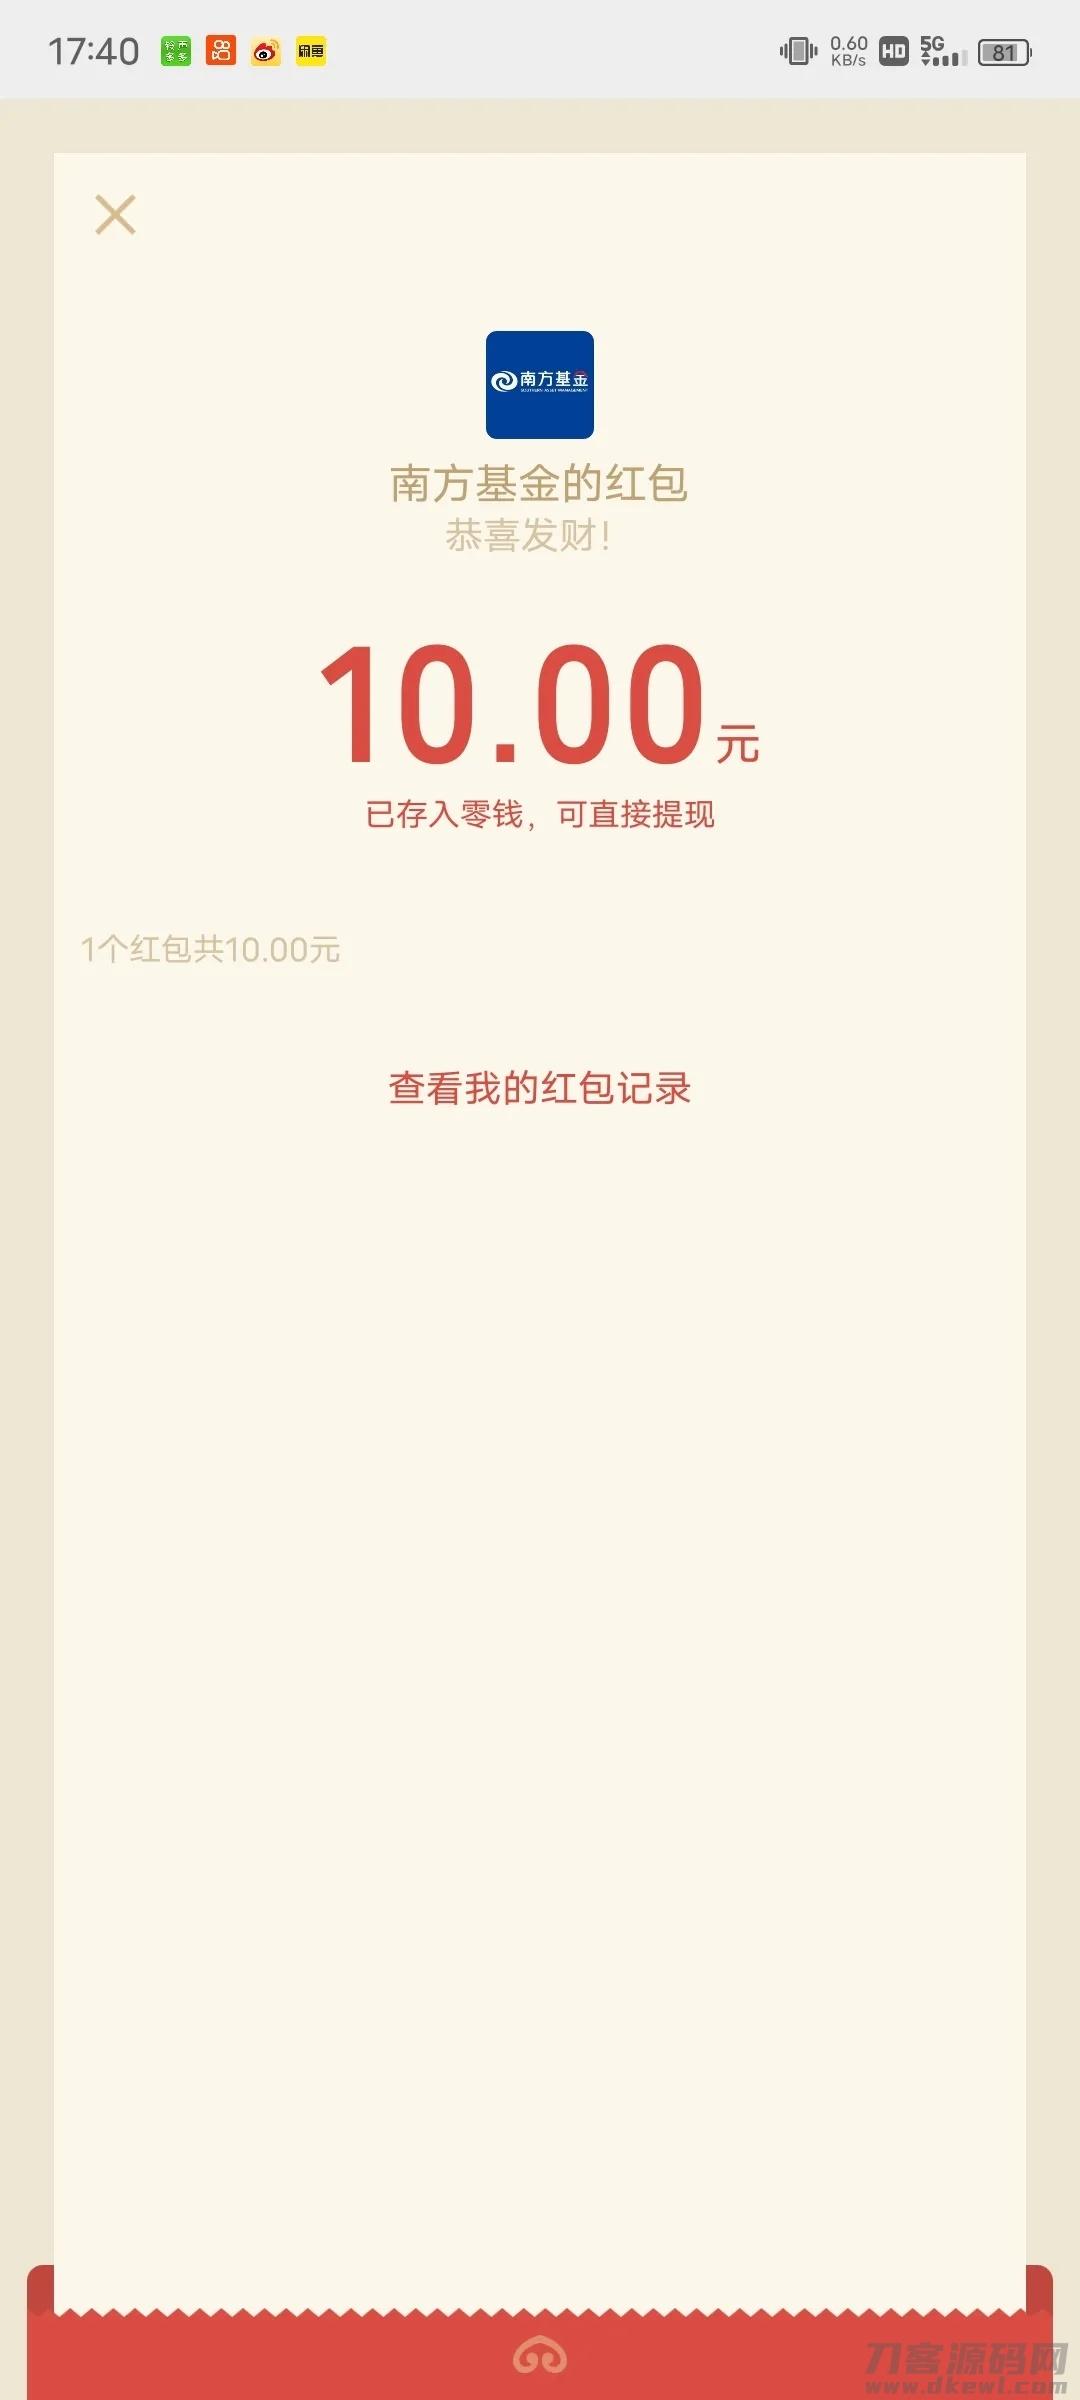 【红包】南方基金插图